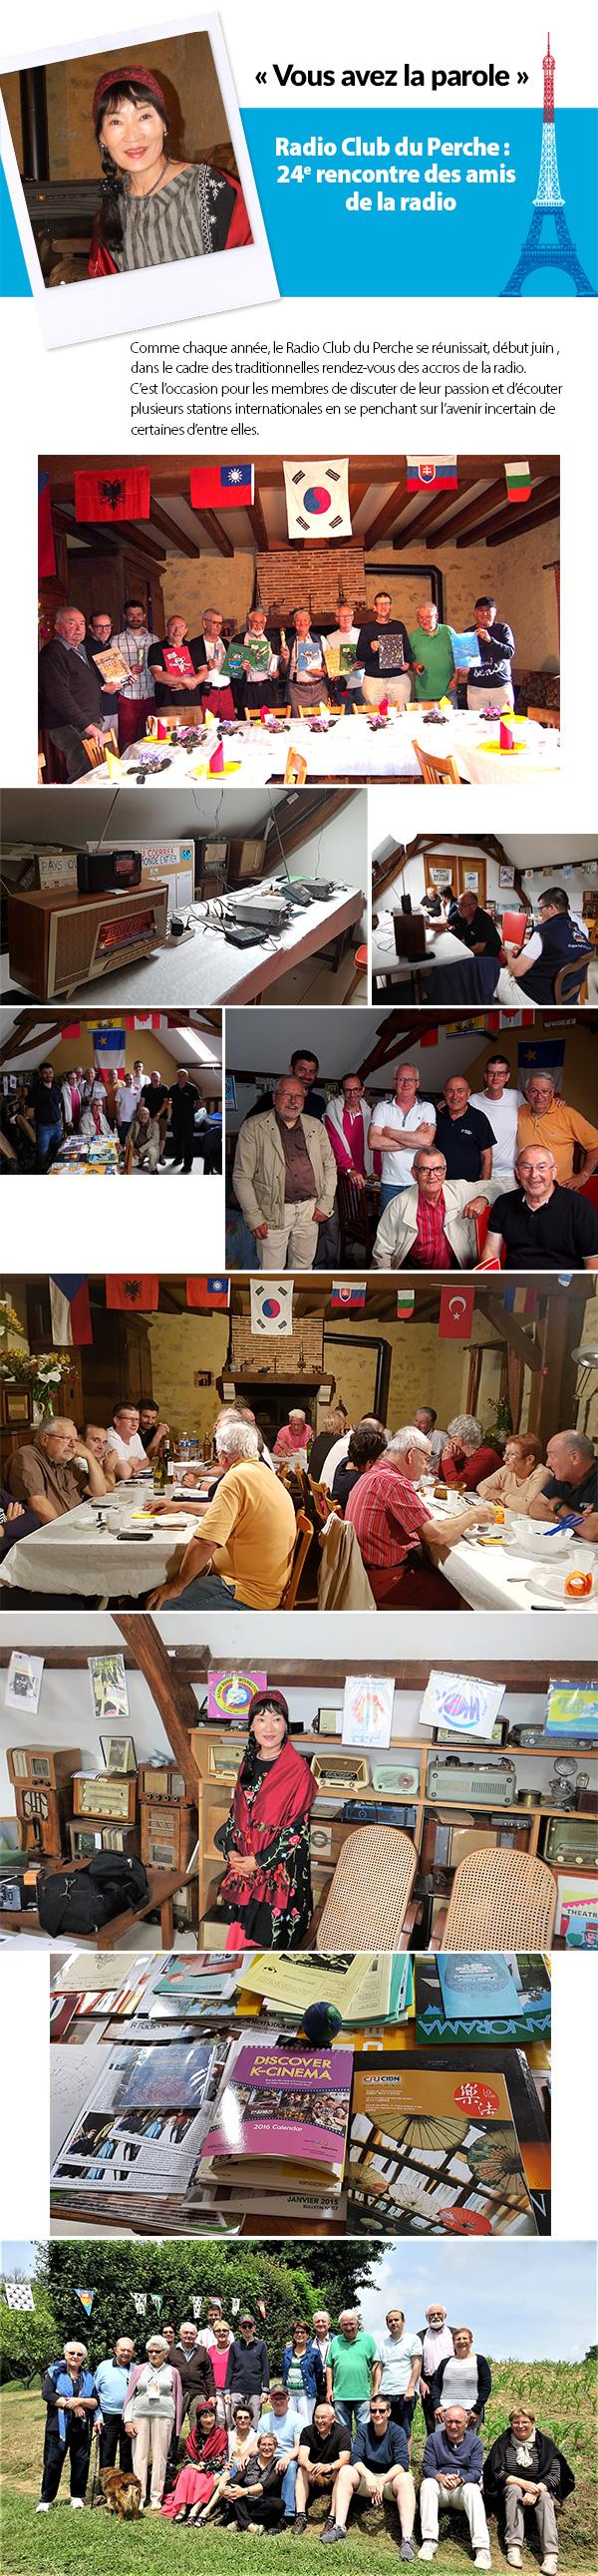 Comme chaque année, le Radio Club du Perche se réunissait, début juin , dans le cadre des traditionnelles rendez-vous des accros de la radio. C'est l'occasion pour les membres de discuter de leur passion et d'écouter plusieurs stations internationales en se penchant sur l'avenir incertain de certaines d'entre elles.